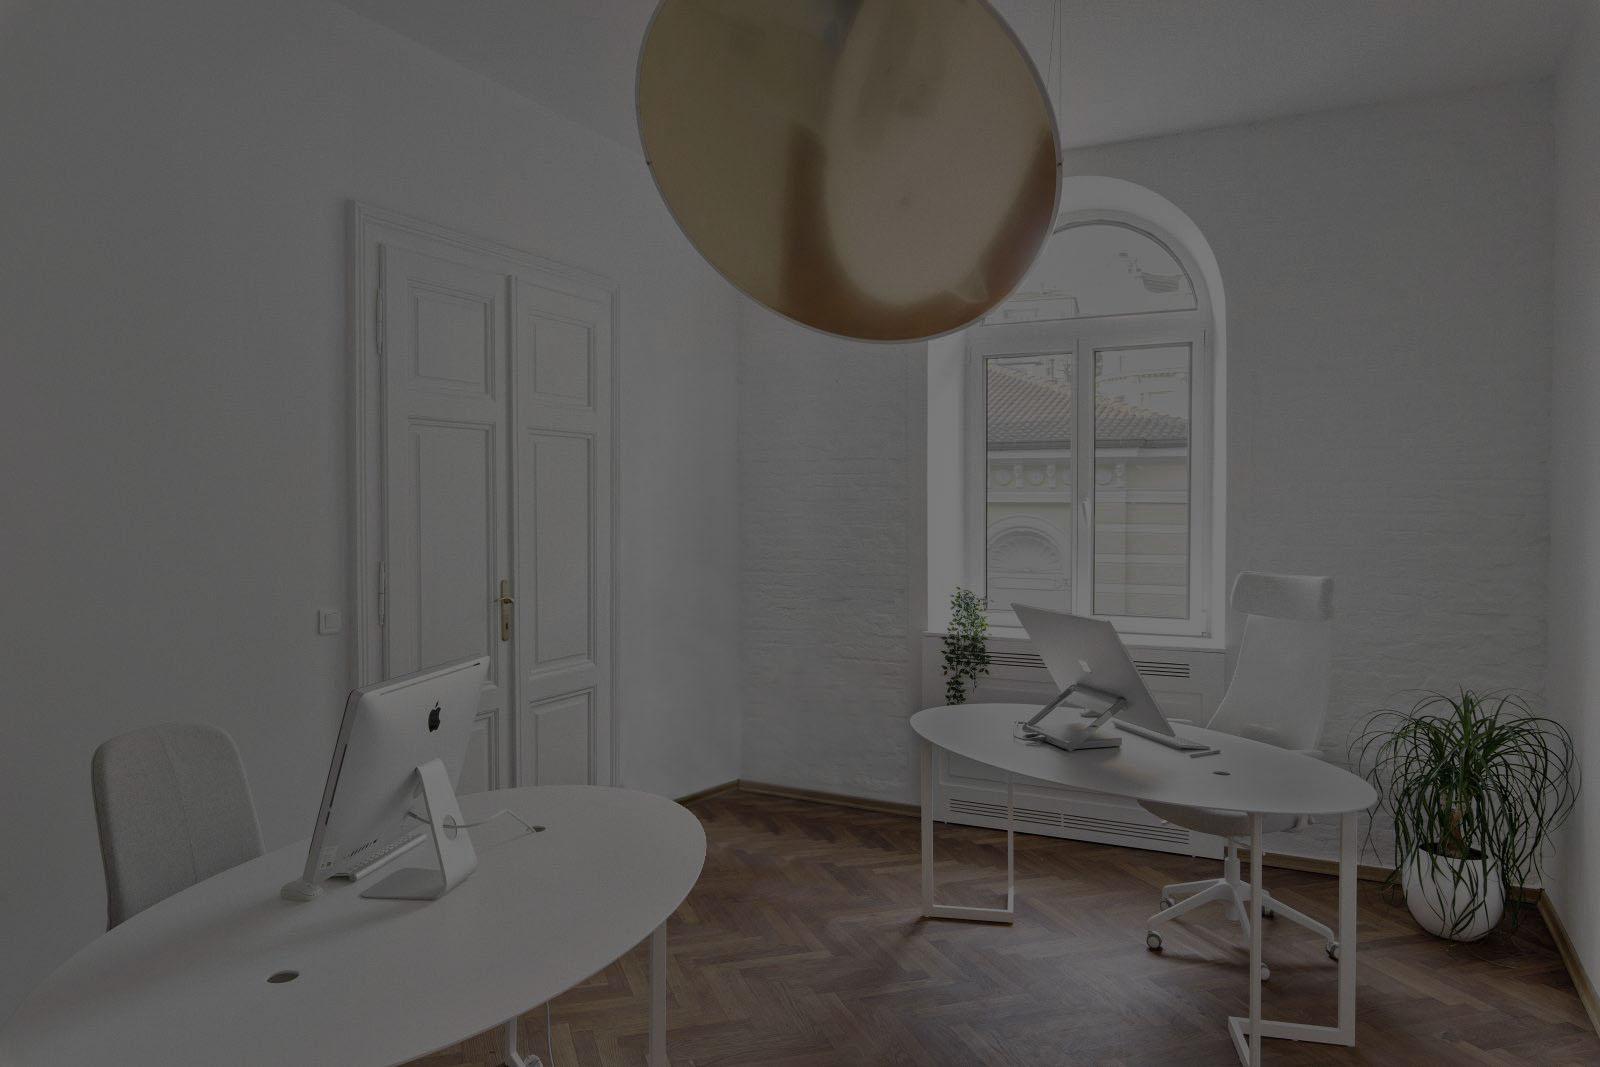 dipi-studio-dora-perkovic-arhitekt